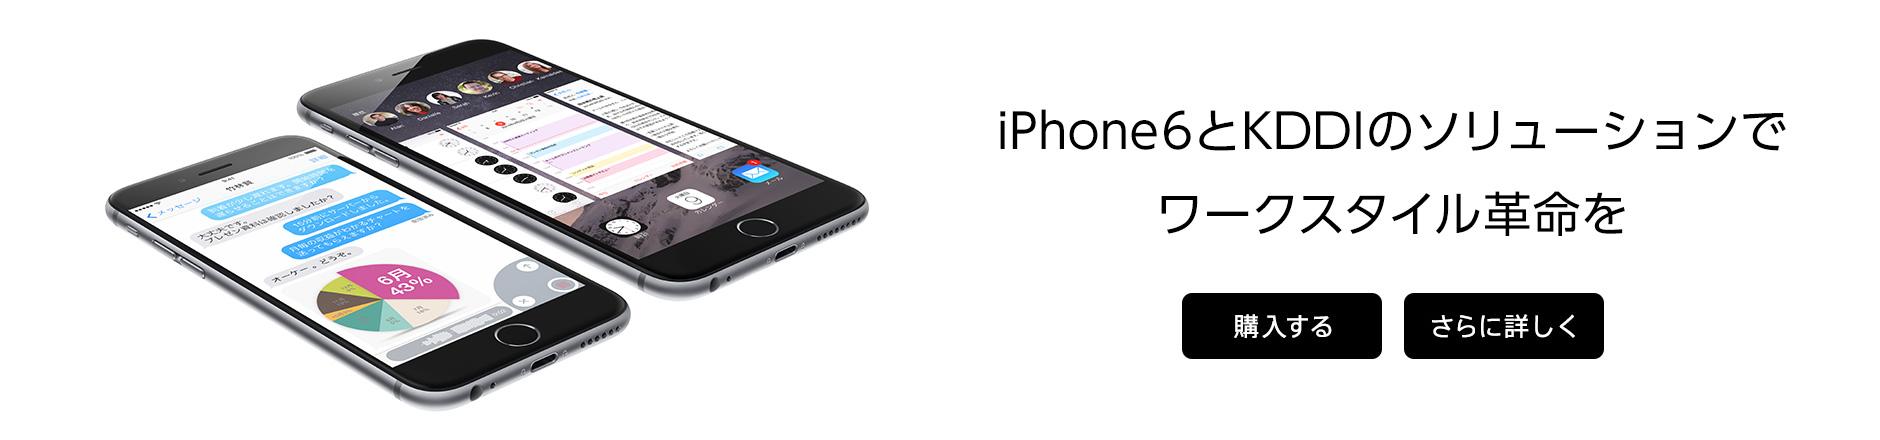 iPhone6とKDDIのソリューションでワークスタイル革命を